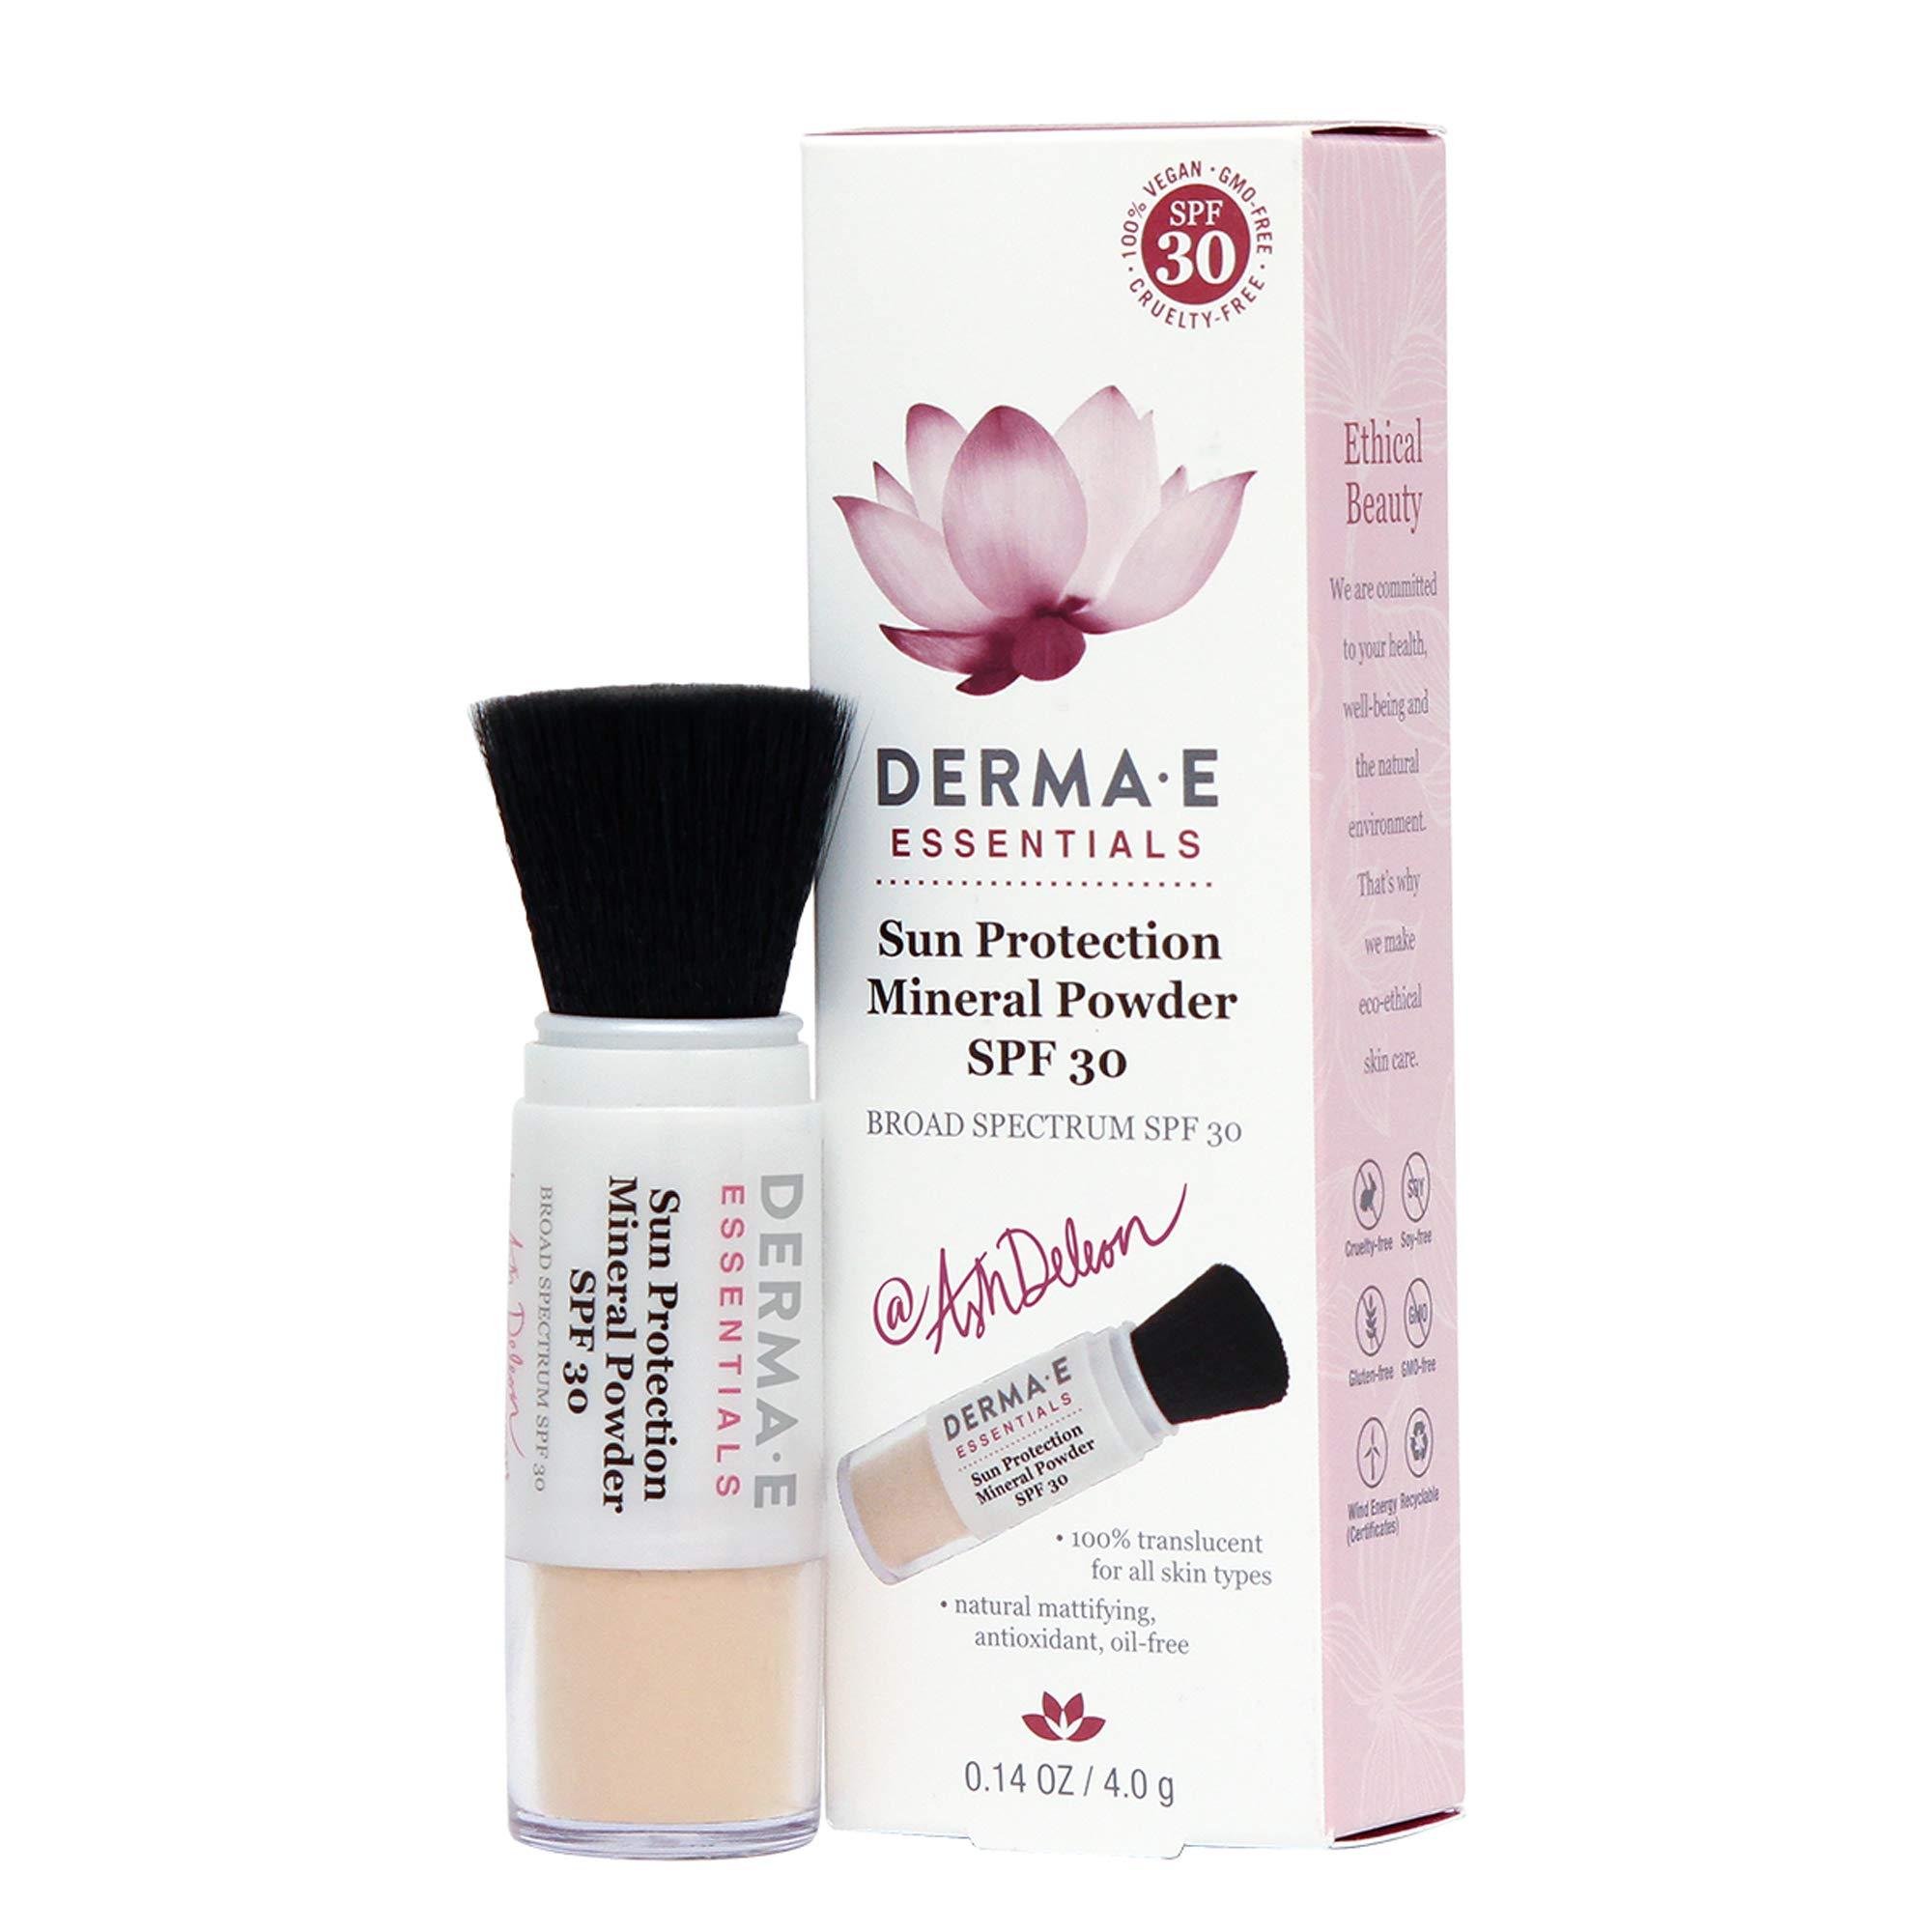 DERMA-E DERMA E Sun Protection Mineral Powder SPF 30, Basic Chamomile, 0.18 Ounce